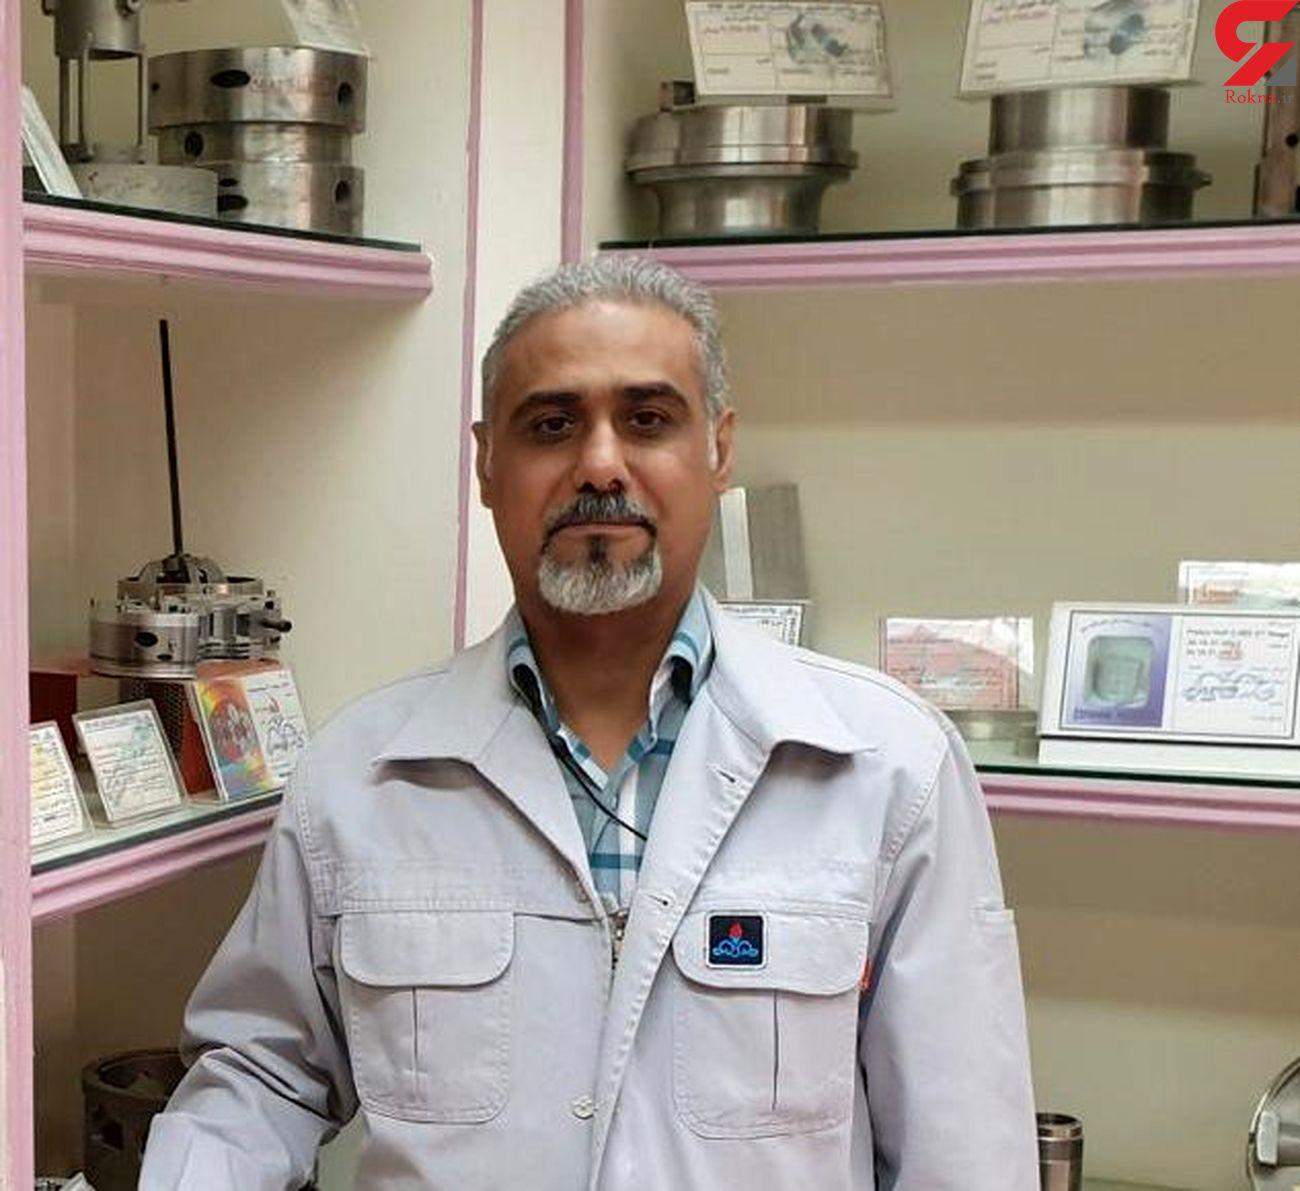 ساماندهی اقلام انبارهای پروژه و مازاد شرکت پالایش نفت اصفهان کلید خورد